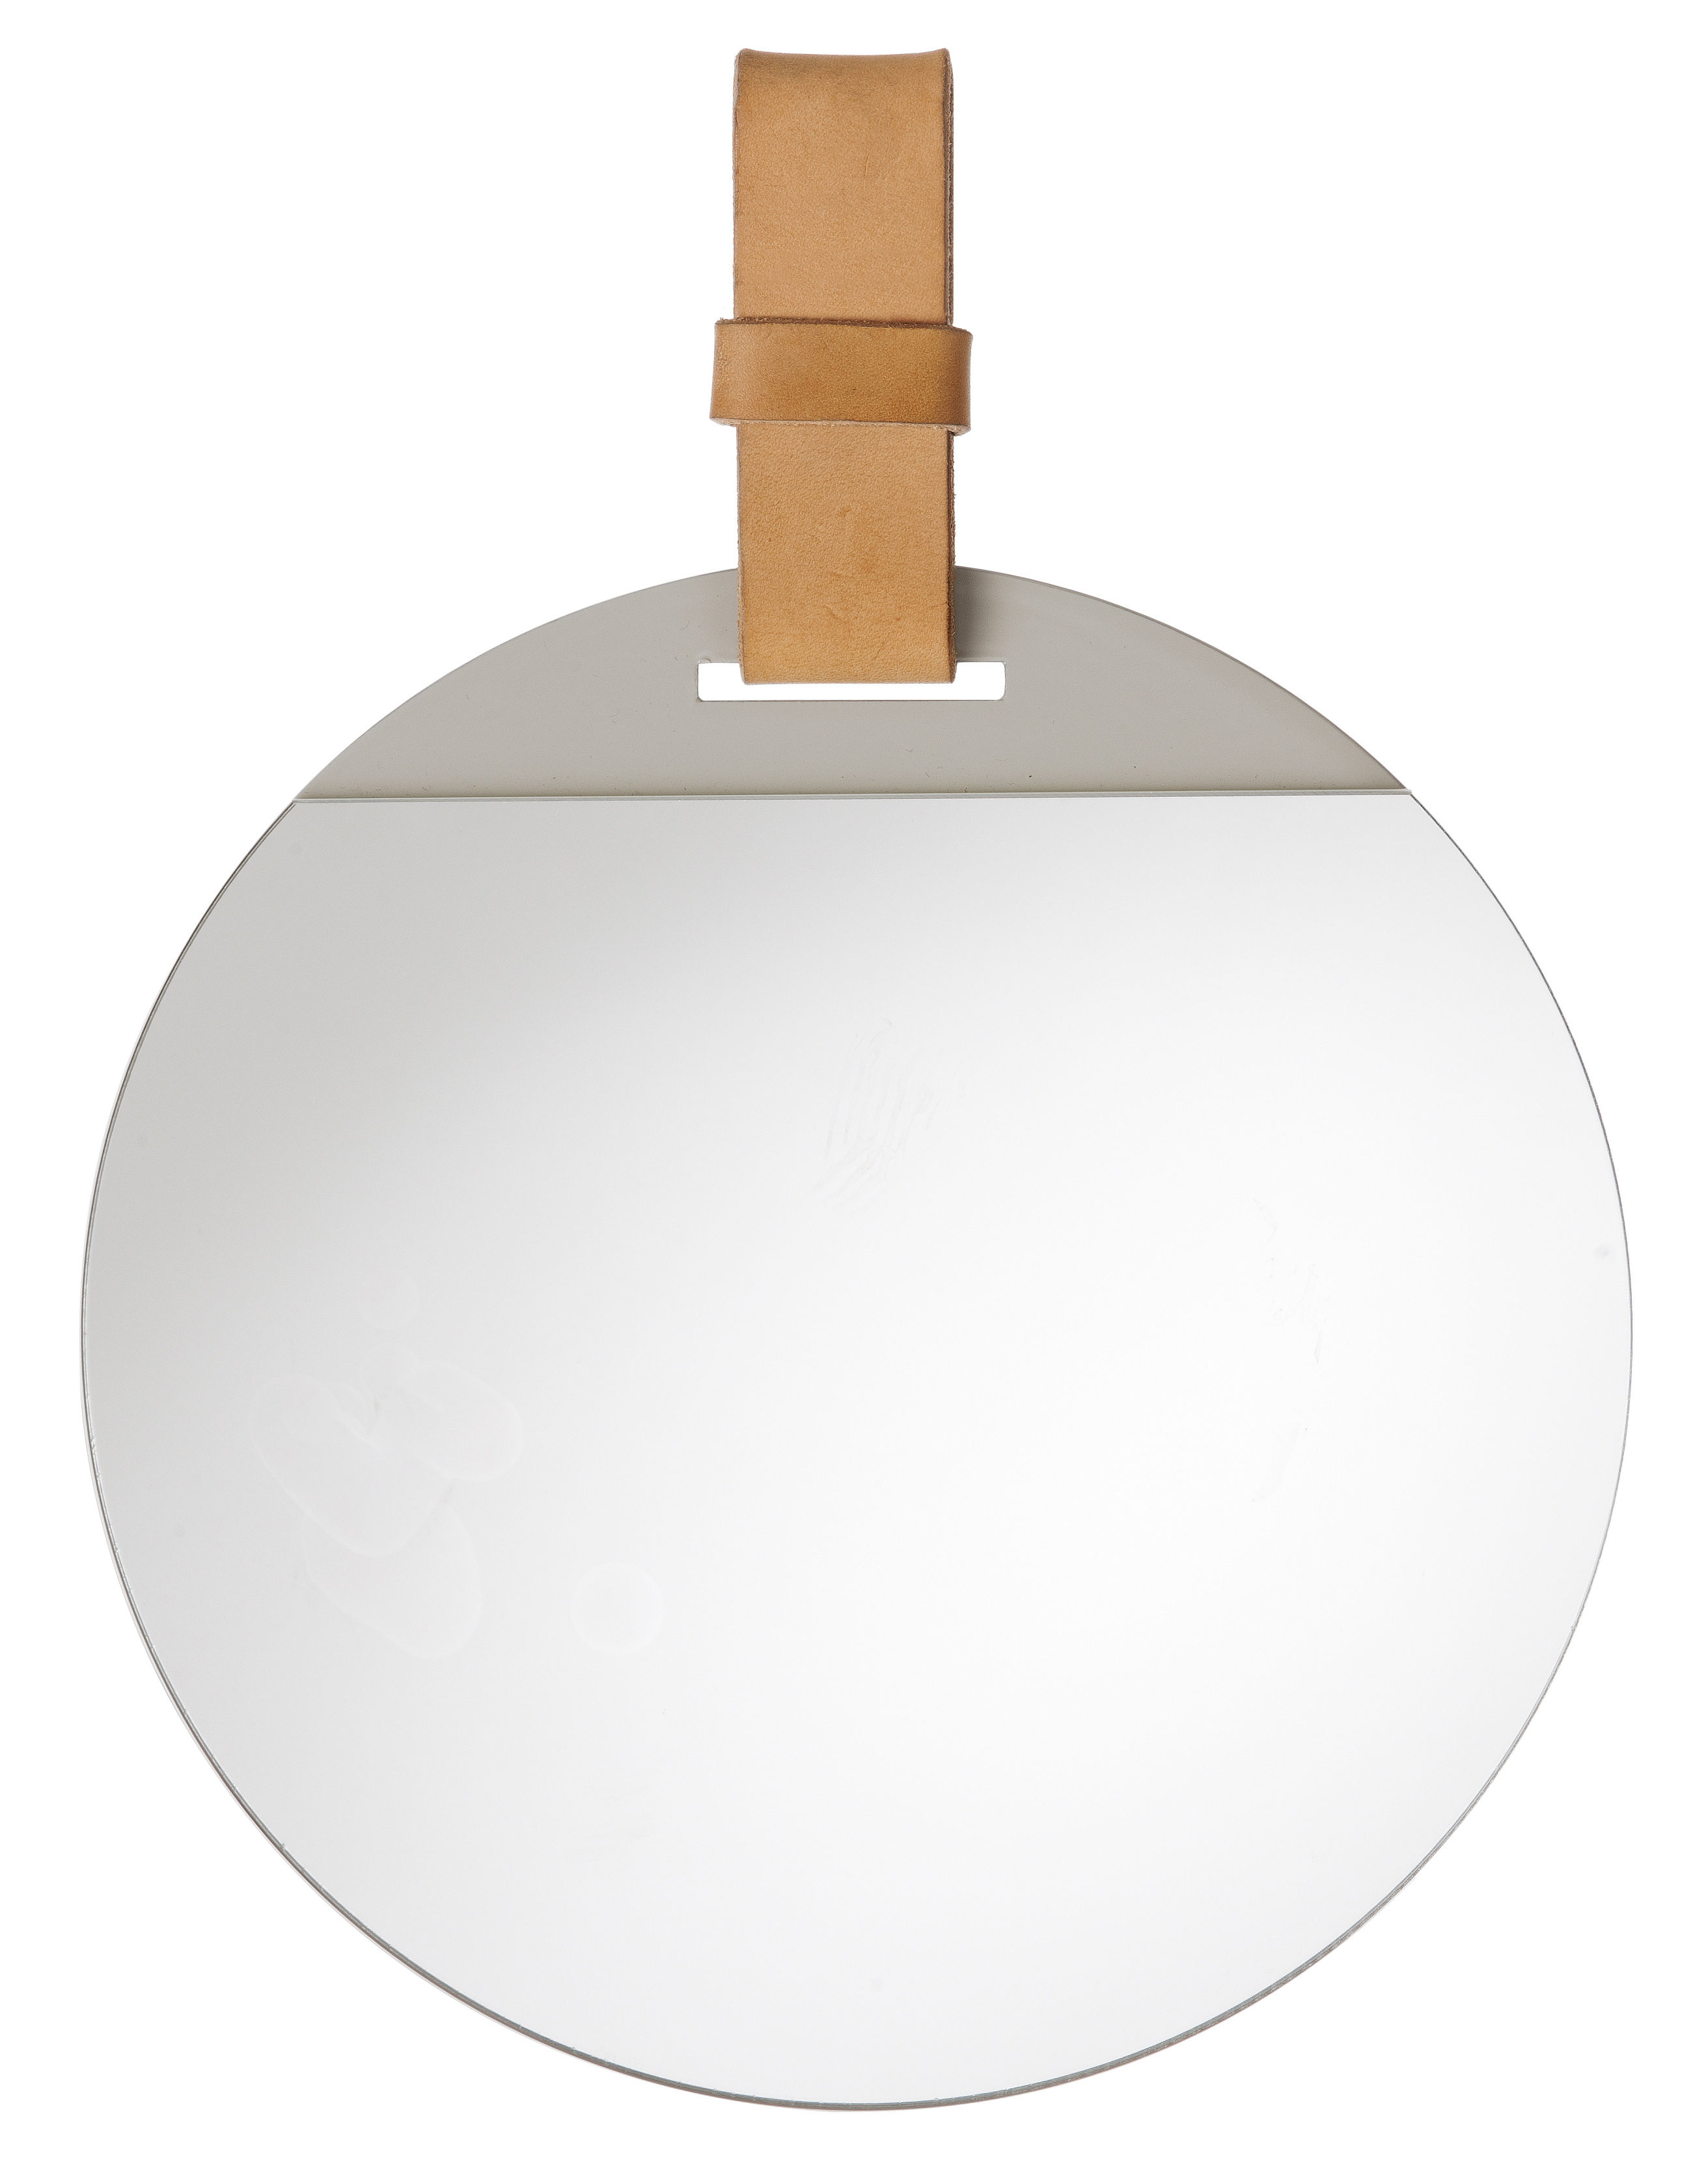 Dekoration - Spiegel - Enter Wandspiegel / Ø 26 cm - Ferm Living - Leder natur - bemaltes Metall, Glas, Leder